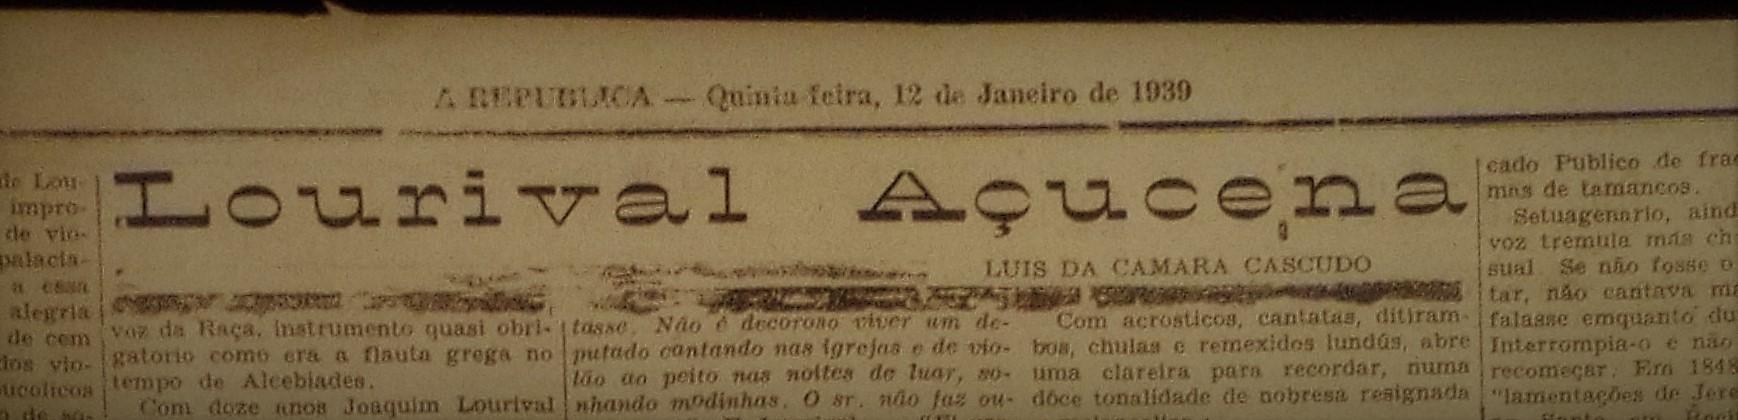 1939-12-01 - Copia